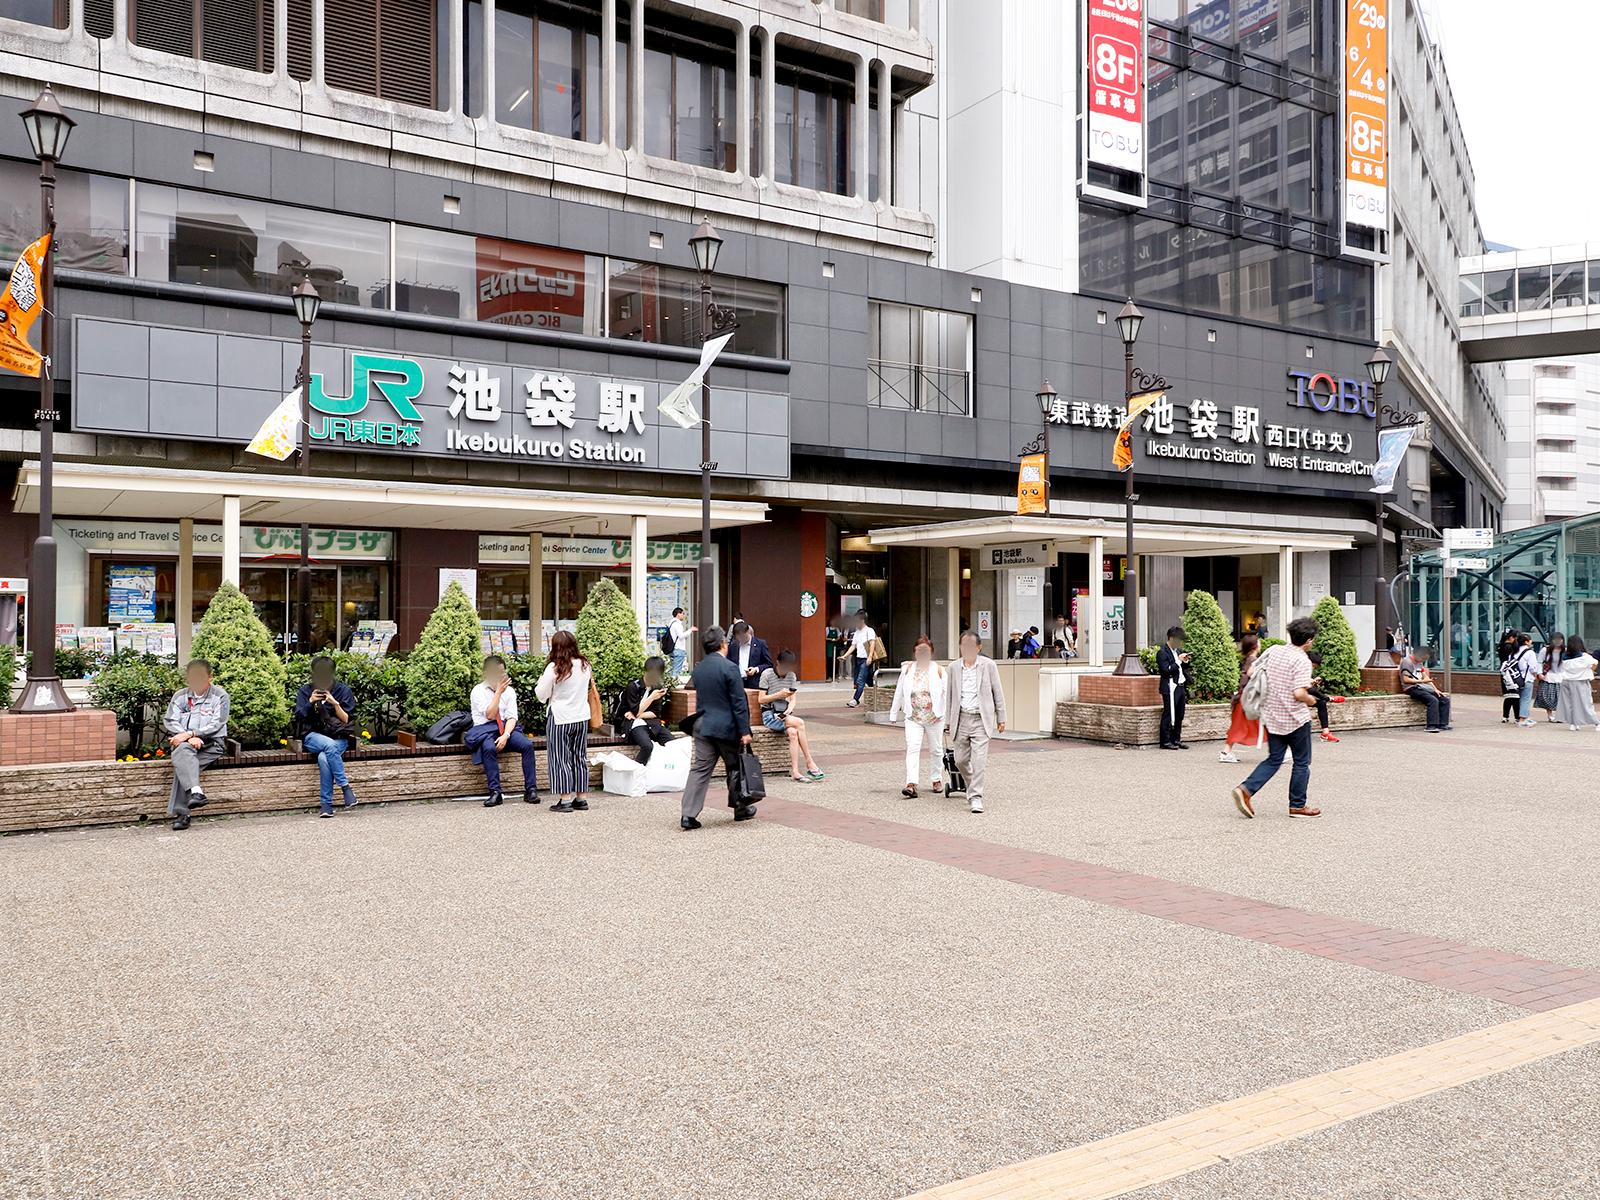 東京中央美容外科池袋西口院池袋駅西口地上出口ルート01